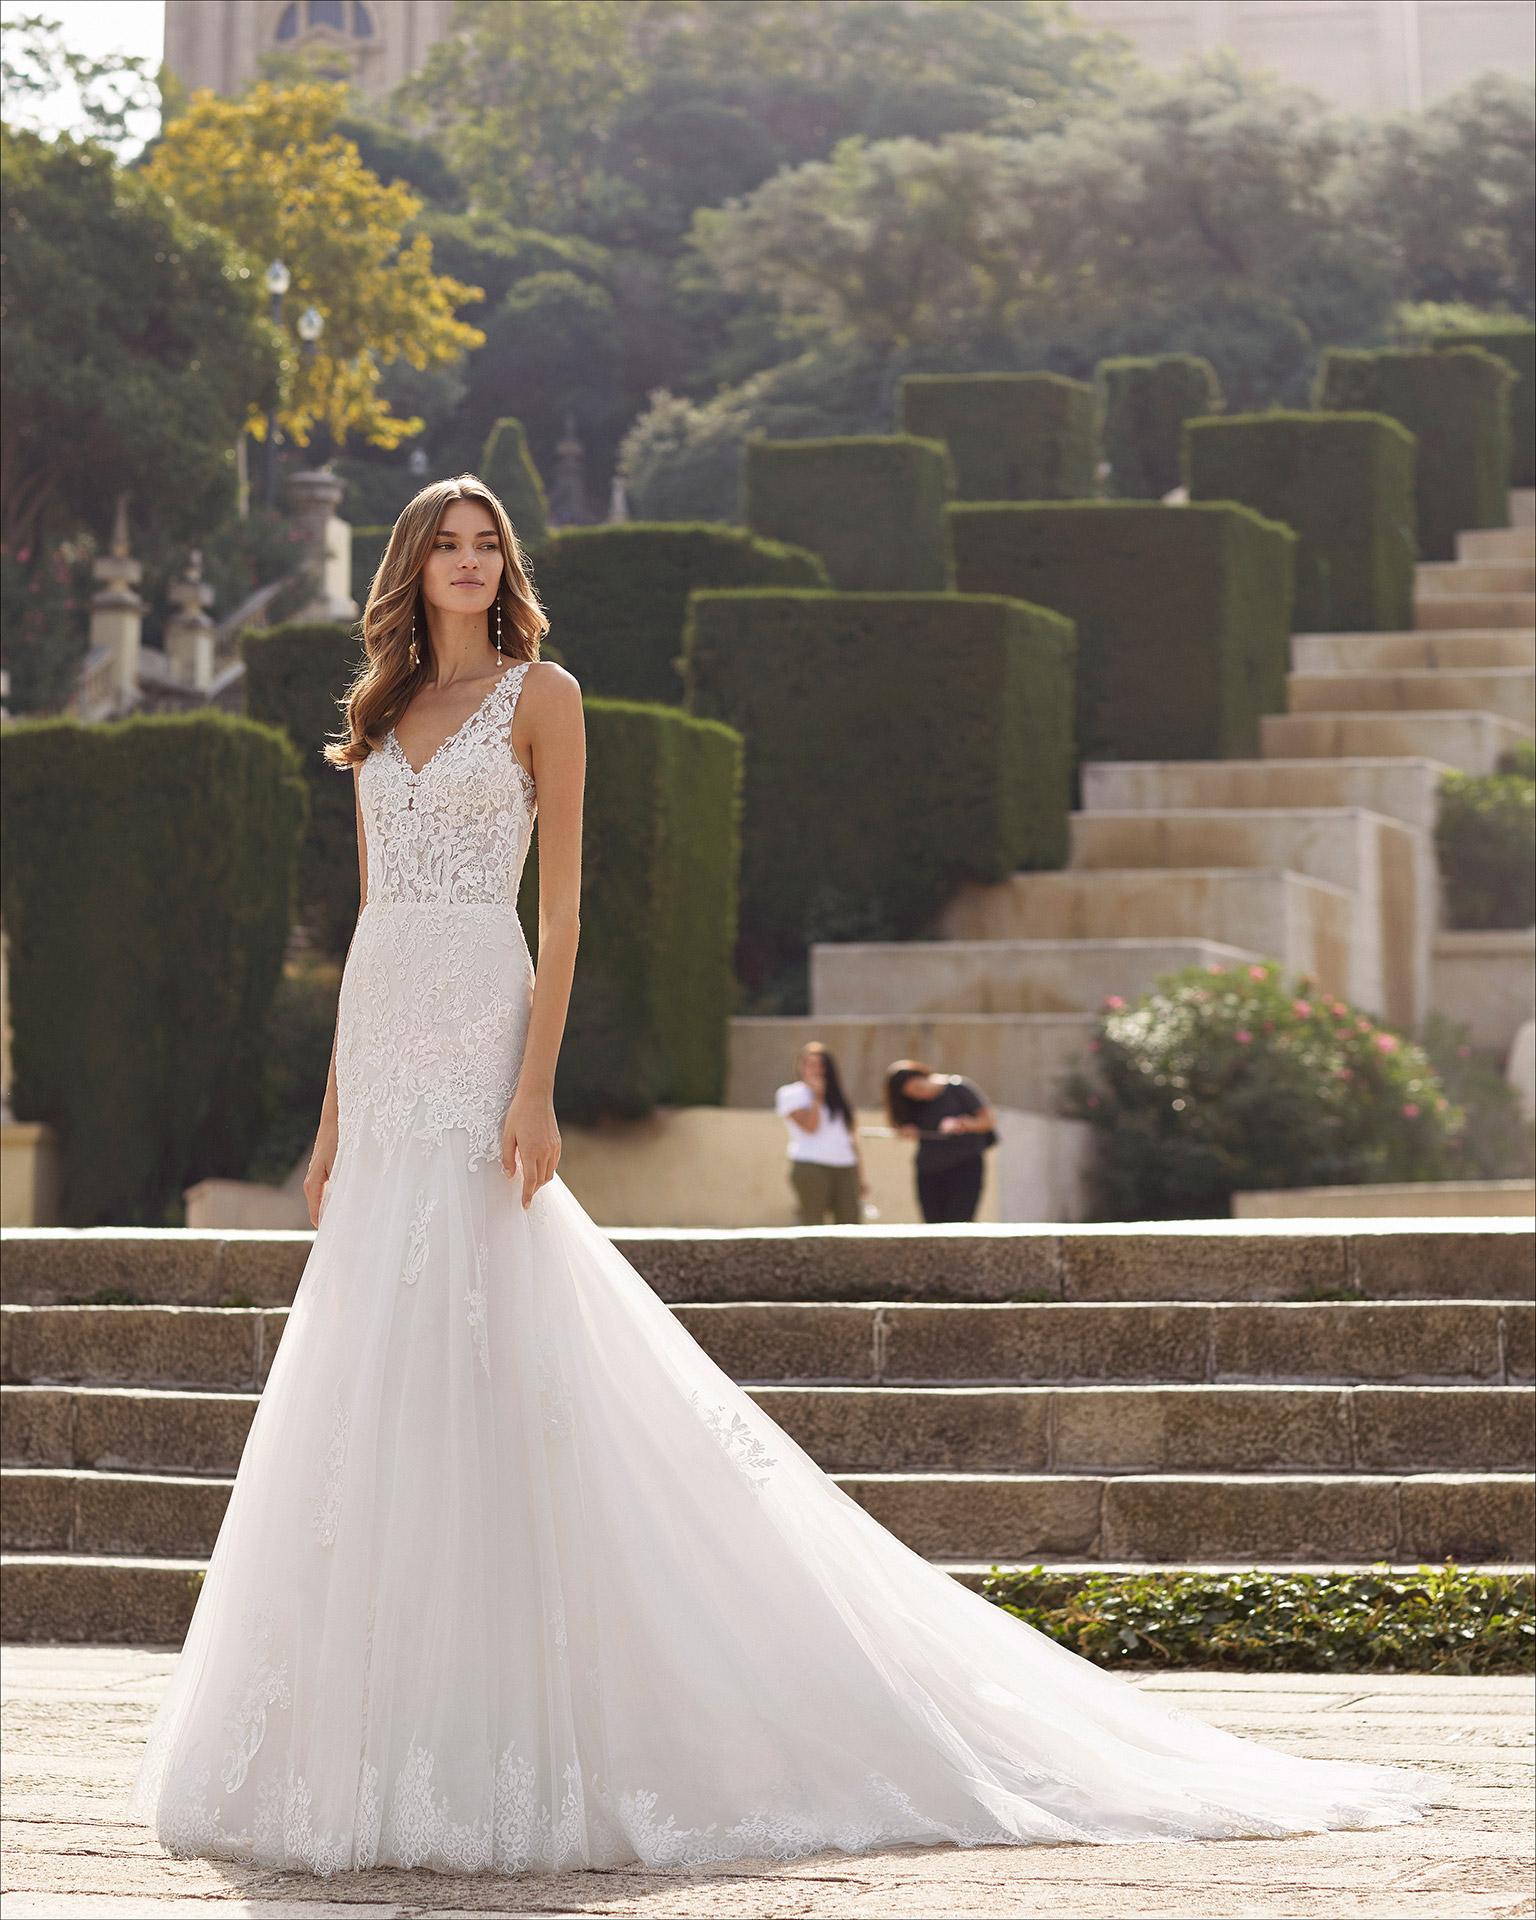 Vestido de novia corte sirena de tul, encaje y pedrería. Escote en V y espalda escotada. Colección  2021.